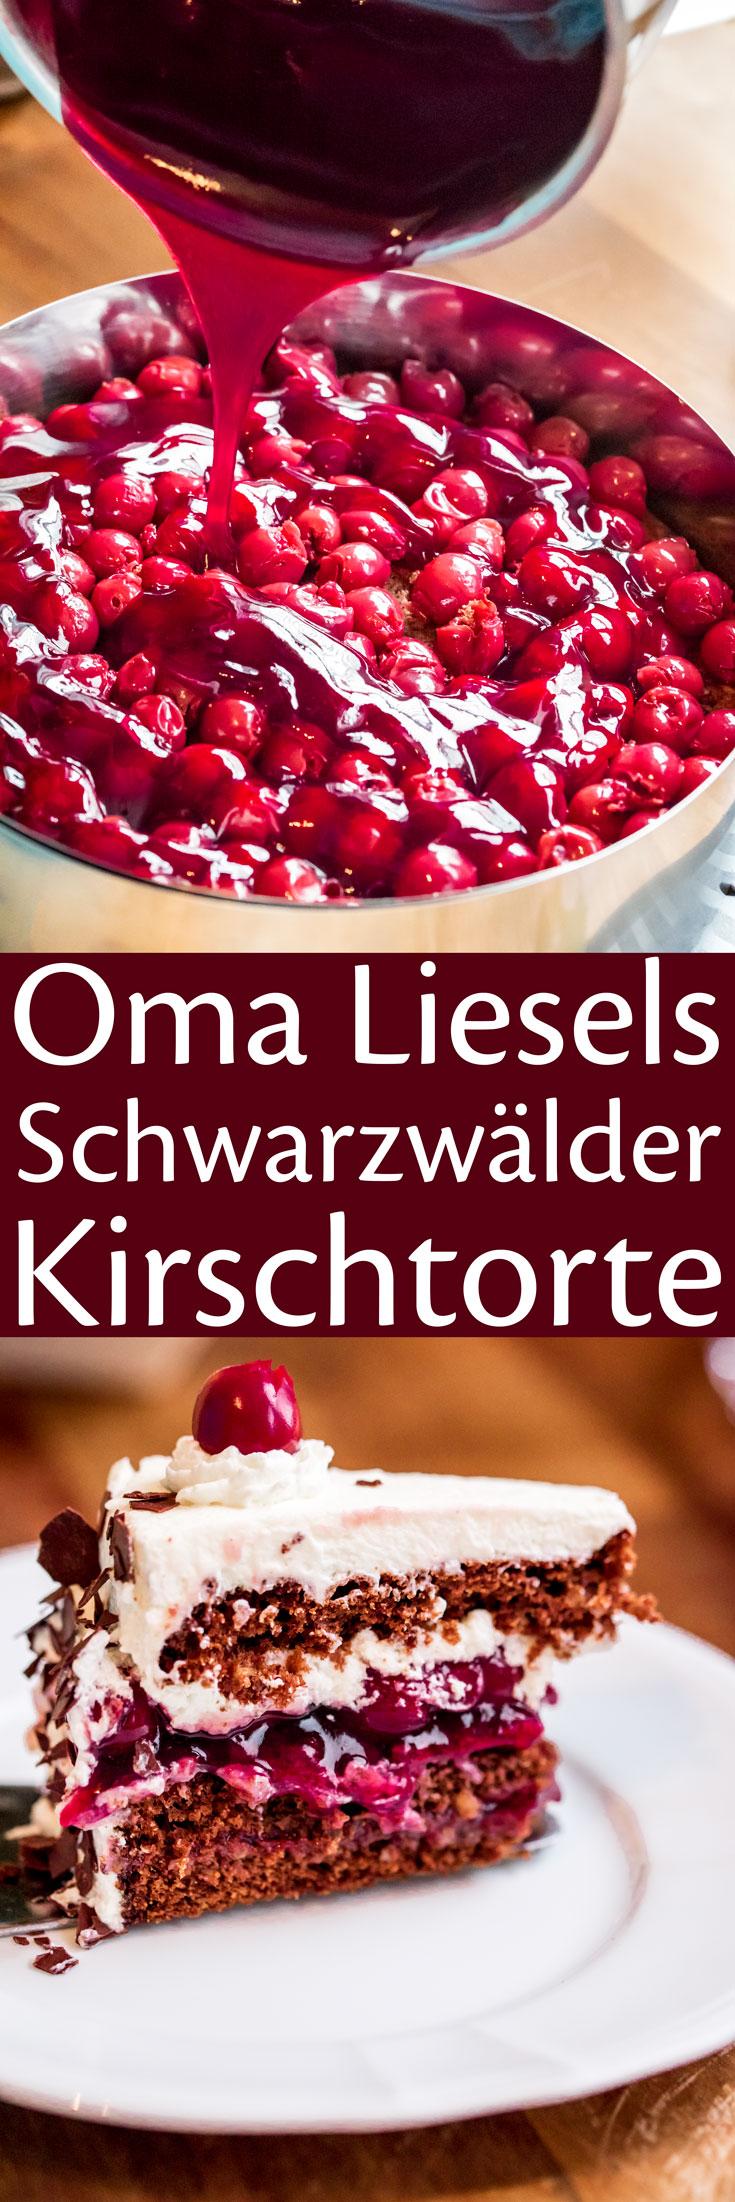 Oma Liesels Schwarzwälder Kirschtorte.